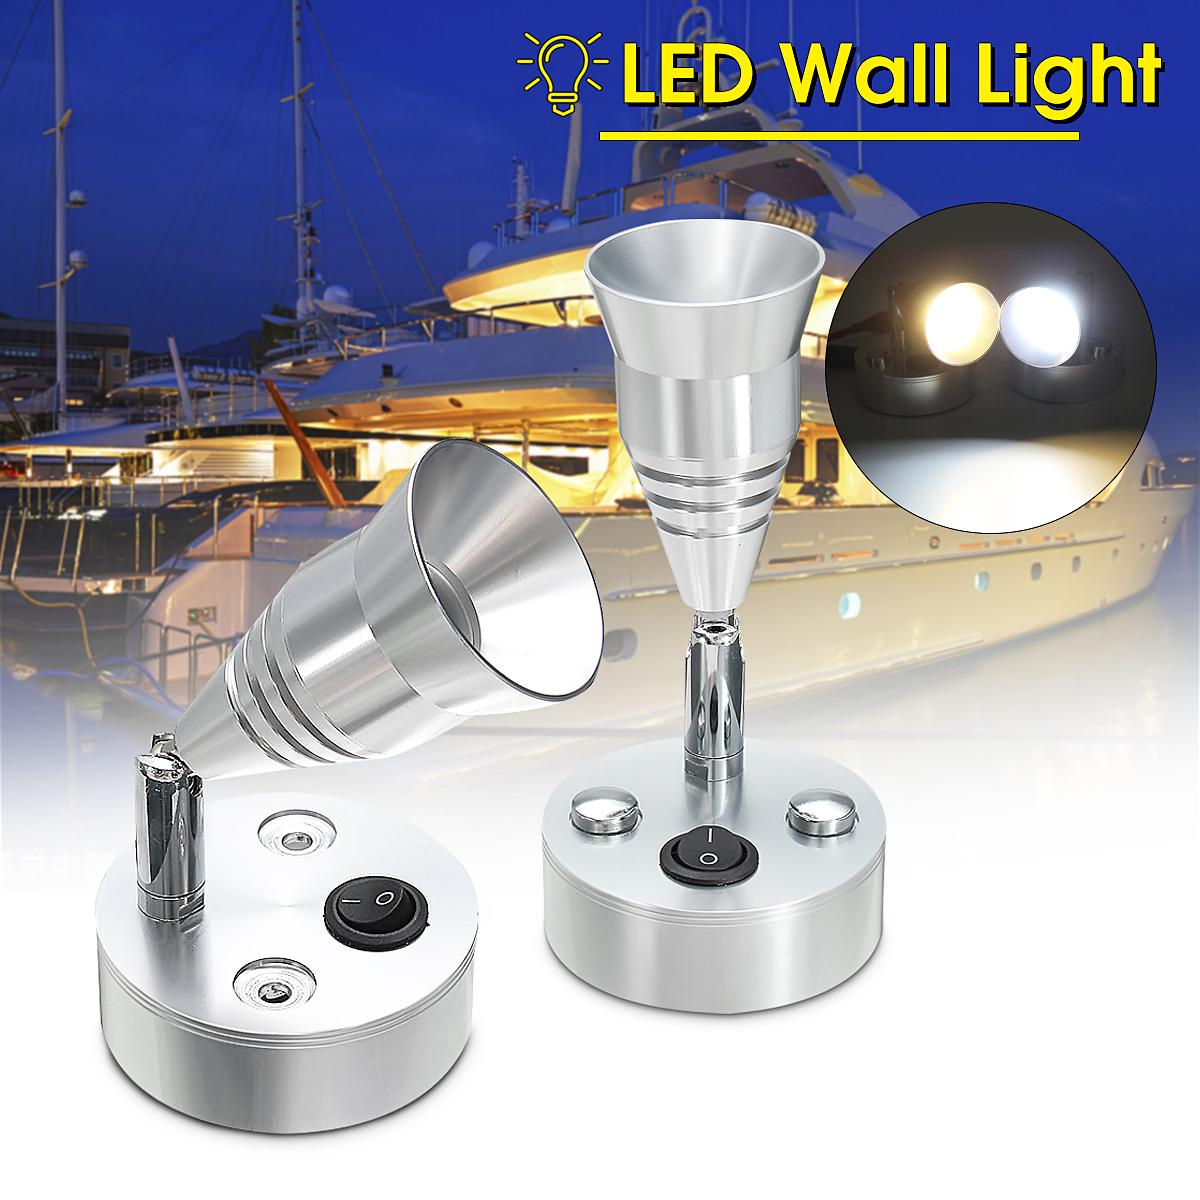 [해외]Autoleader LED 침대 옆 독서등 램프 12V 3W AdjustableSwitch 요트 모터 홈 따뜻한 화이트 360 용 캐러밴 / 트럭/Autoleader LED Bedside Reading Light Lamp 12V 3W AdjustableSwitc